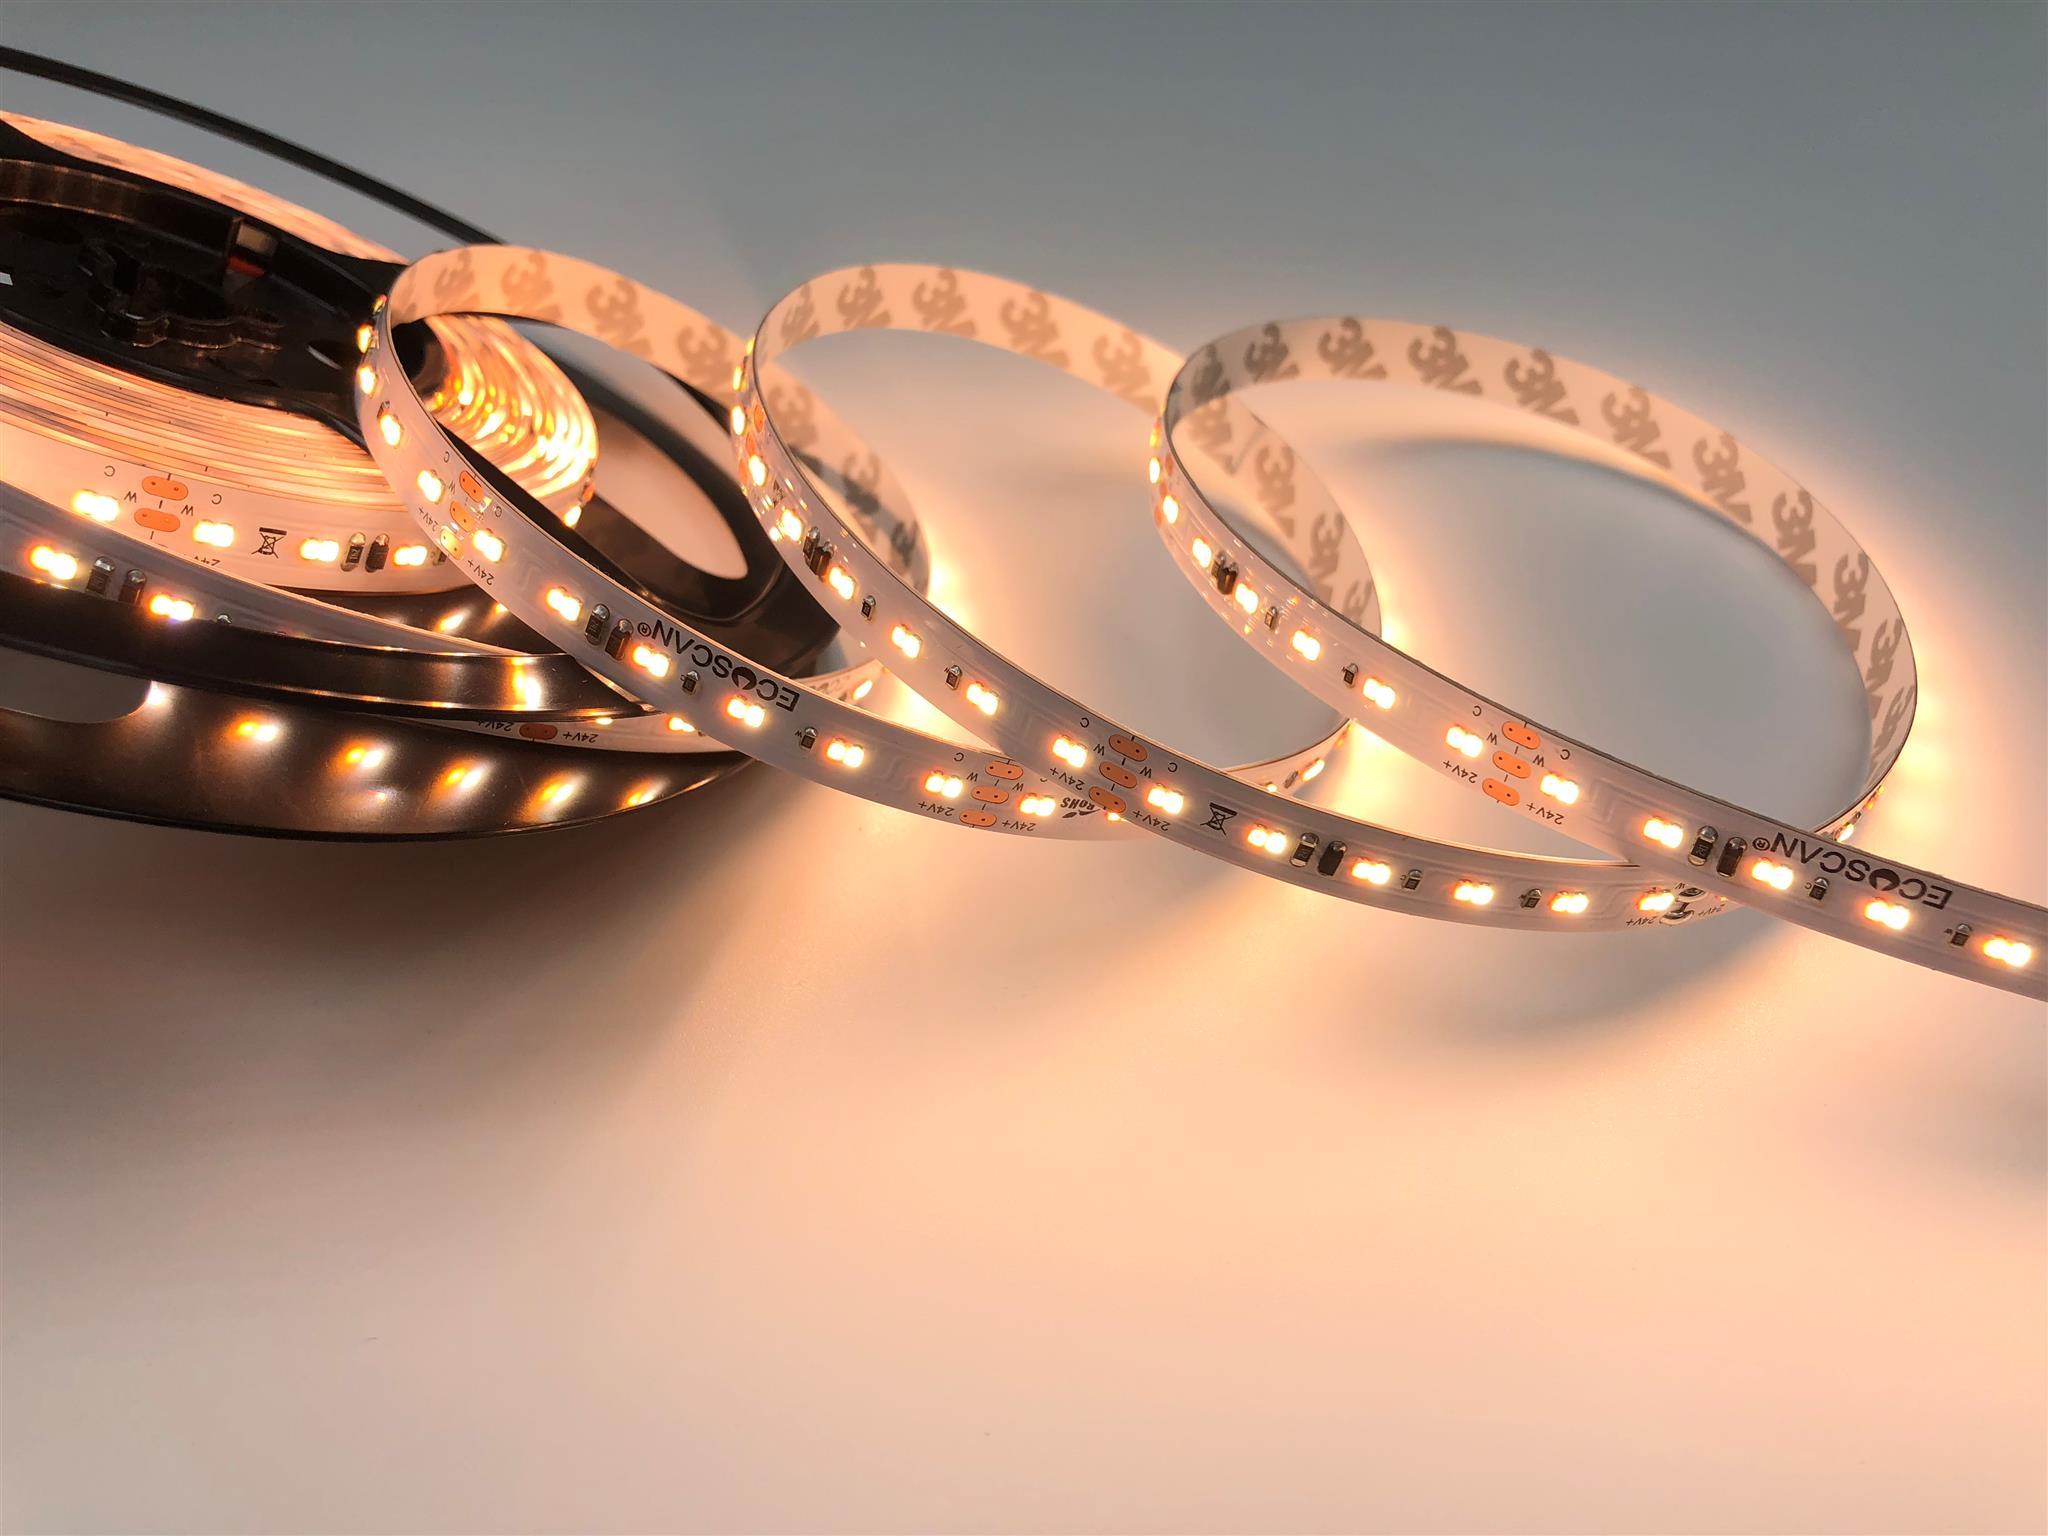 LED STRIP 15W/M DIM-TO-WARM 24V